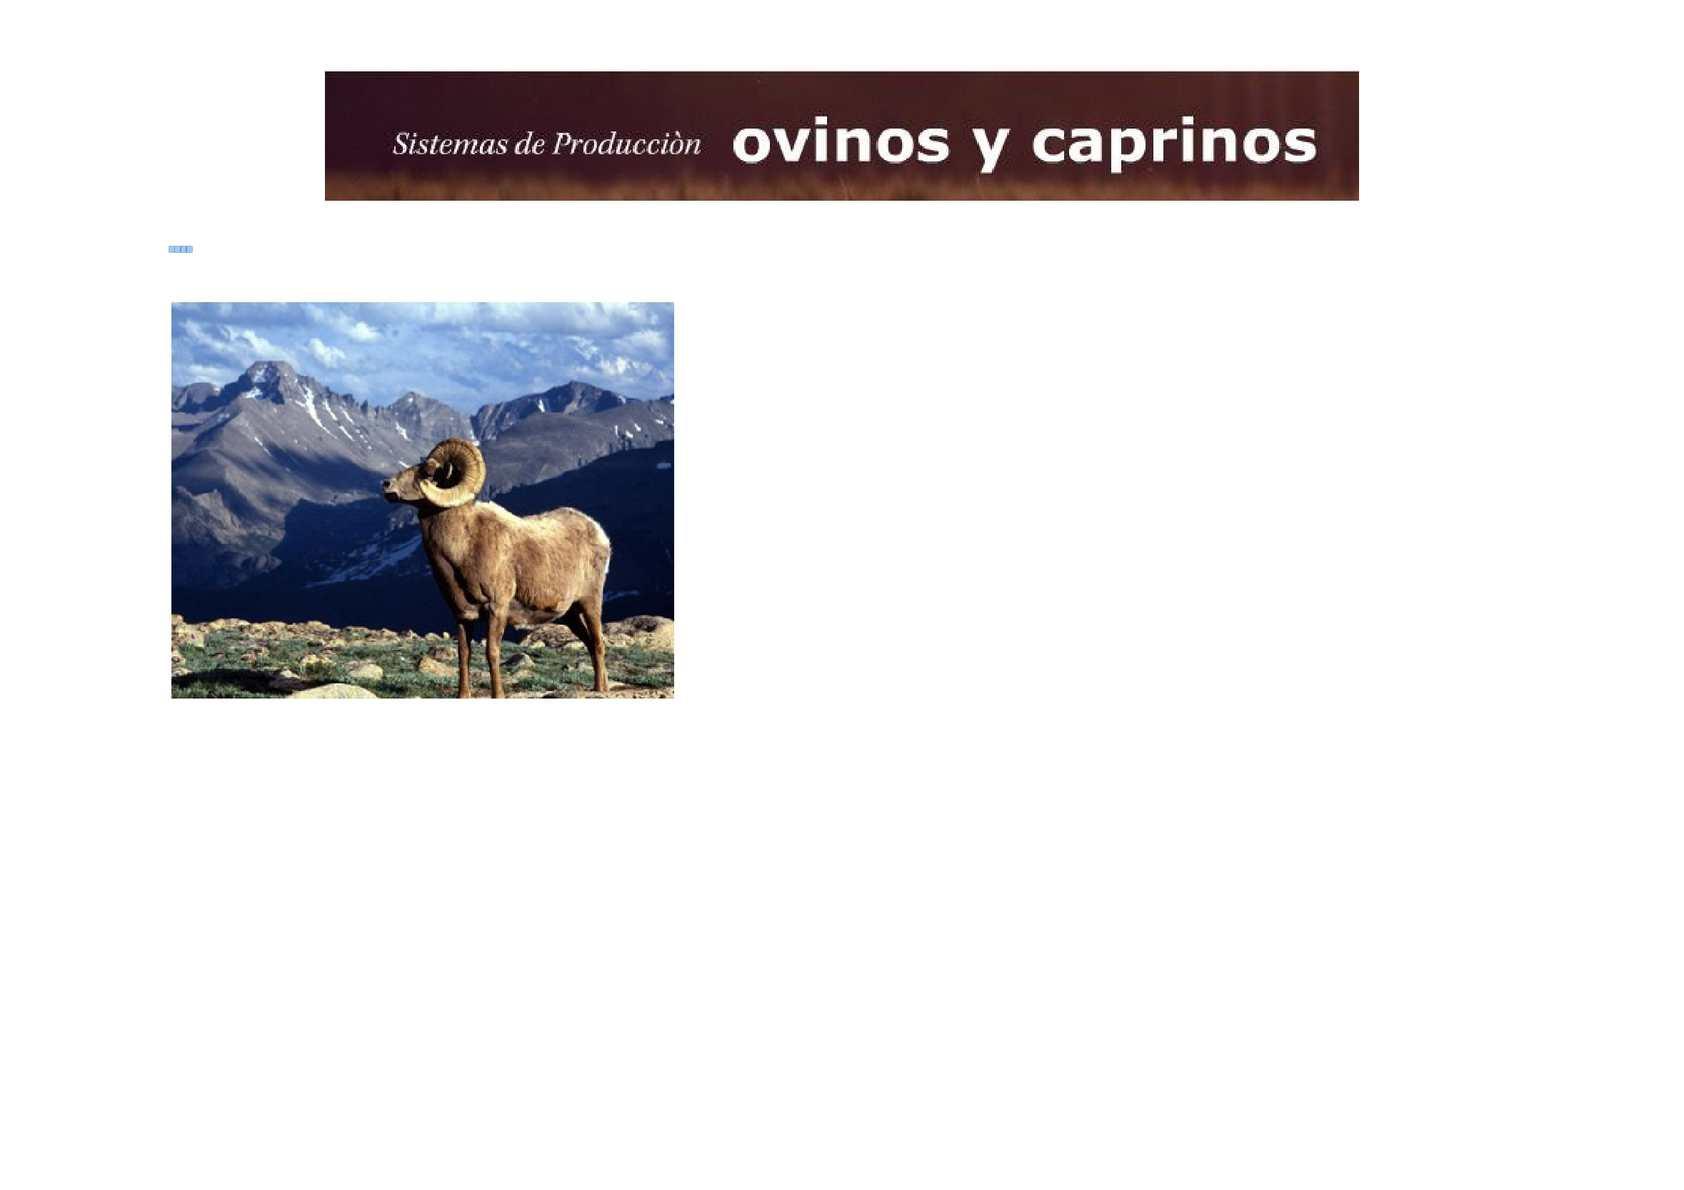 Calaméo - Ovinos y caprinos - Reproducción